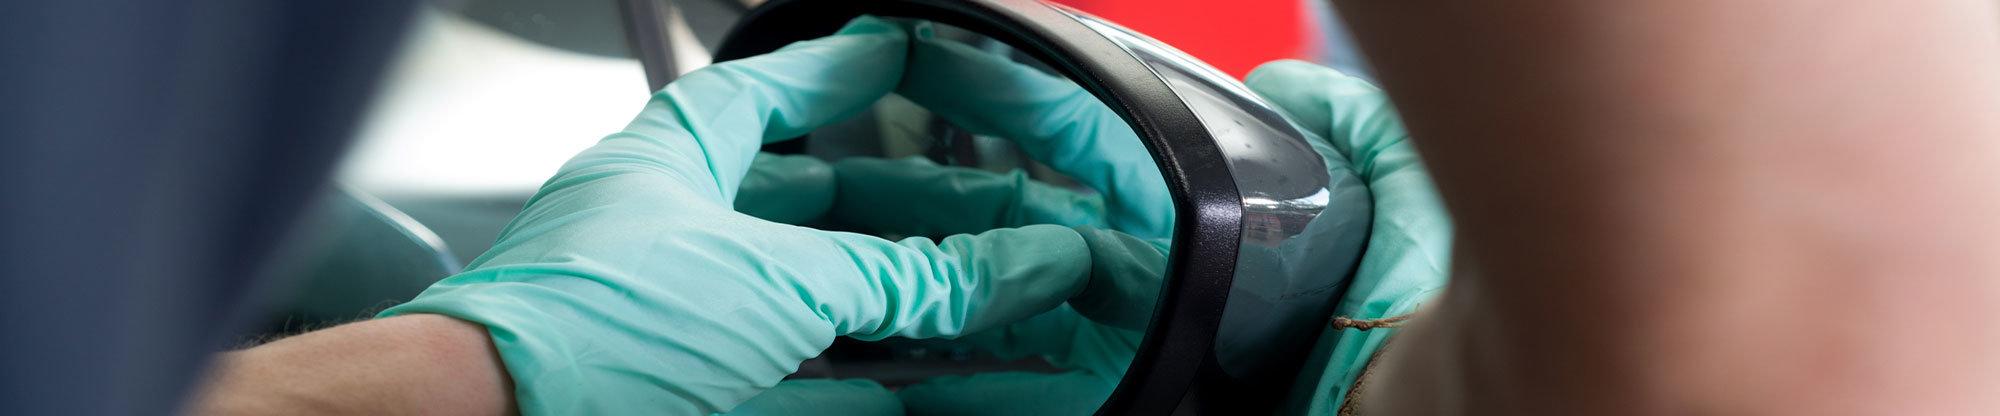 Κρύσταλλα-καθρεπτών-αυτοκινήτου